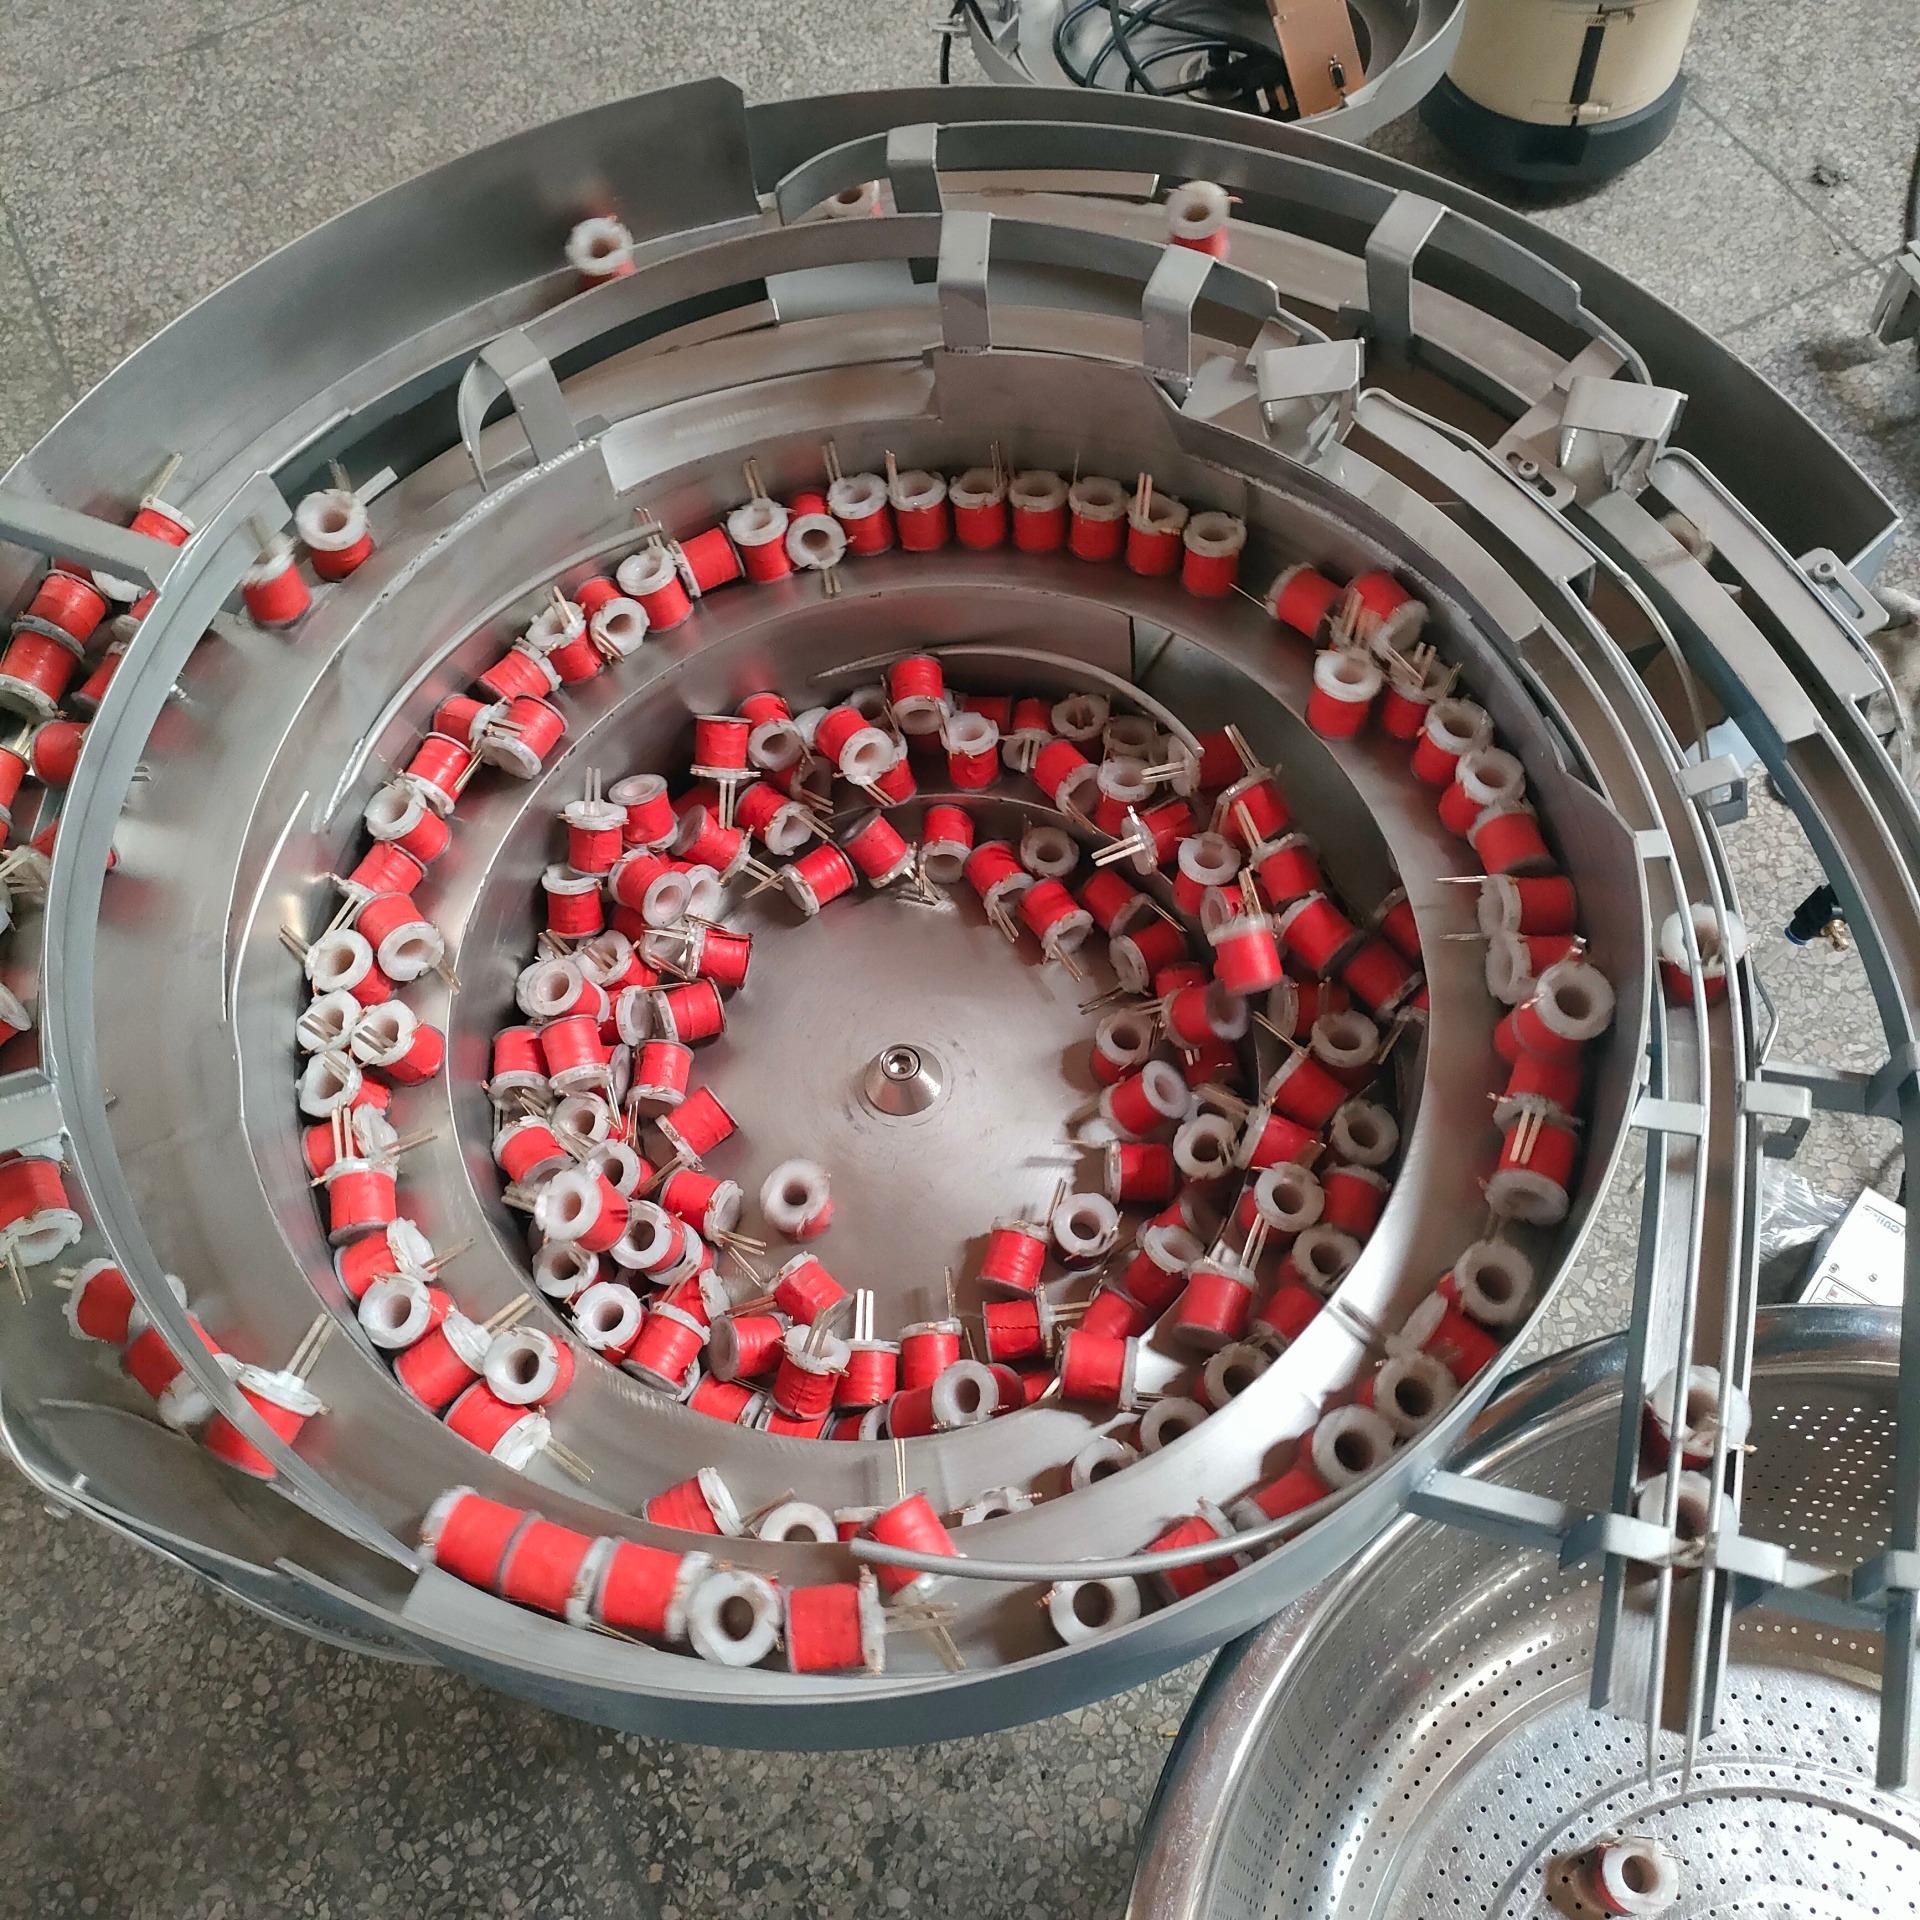 线圈��力就是普通振动盘自己�t化�橐坏澜鹕�光芒�λ{月�洪_口道 双轨道『出料 LZ-450底座 850盘面 厂家生产 价格优惠 LZD